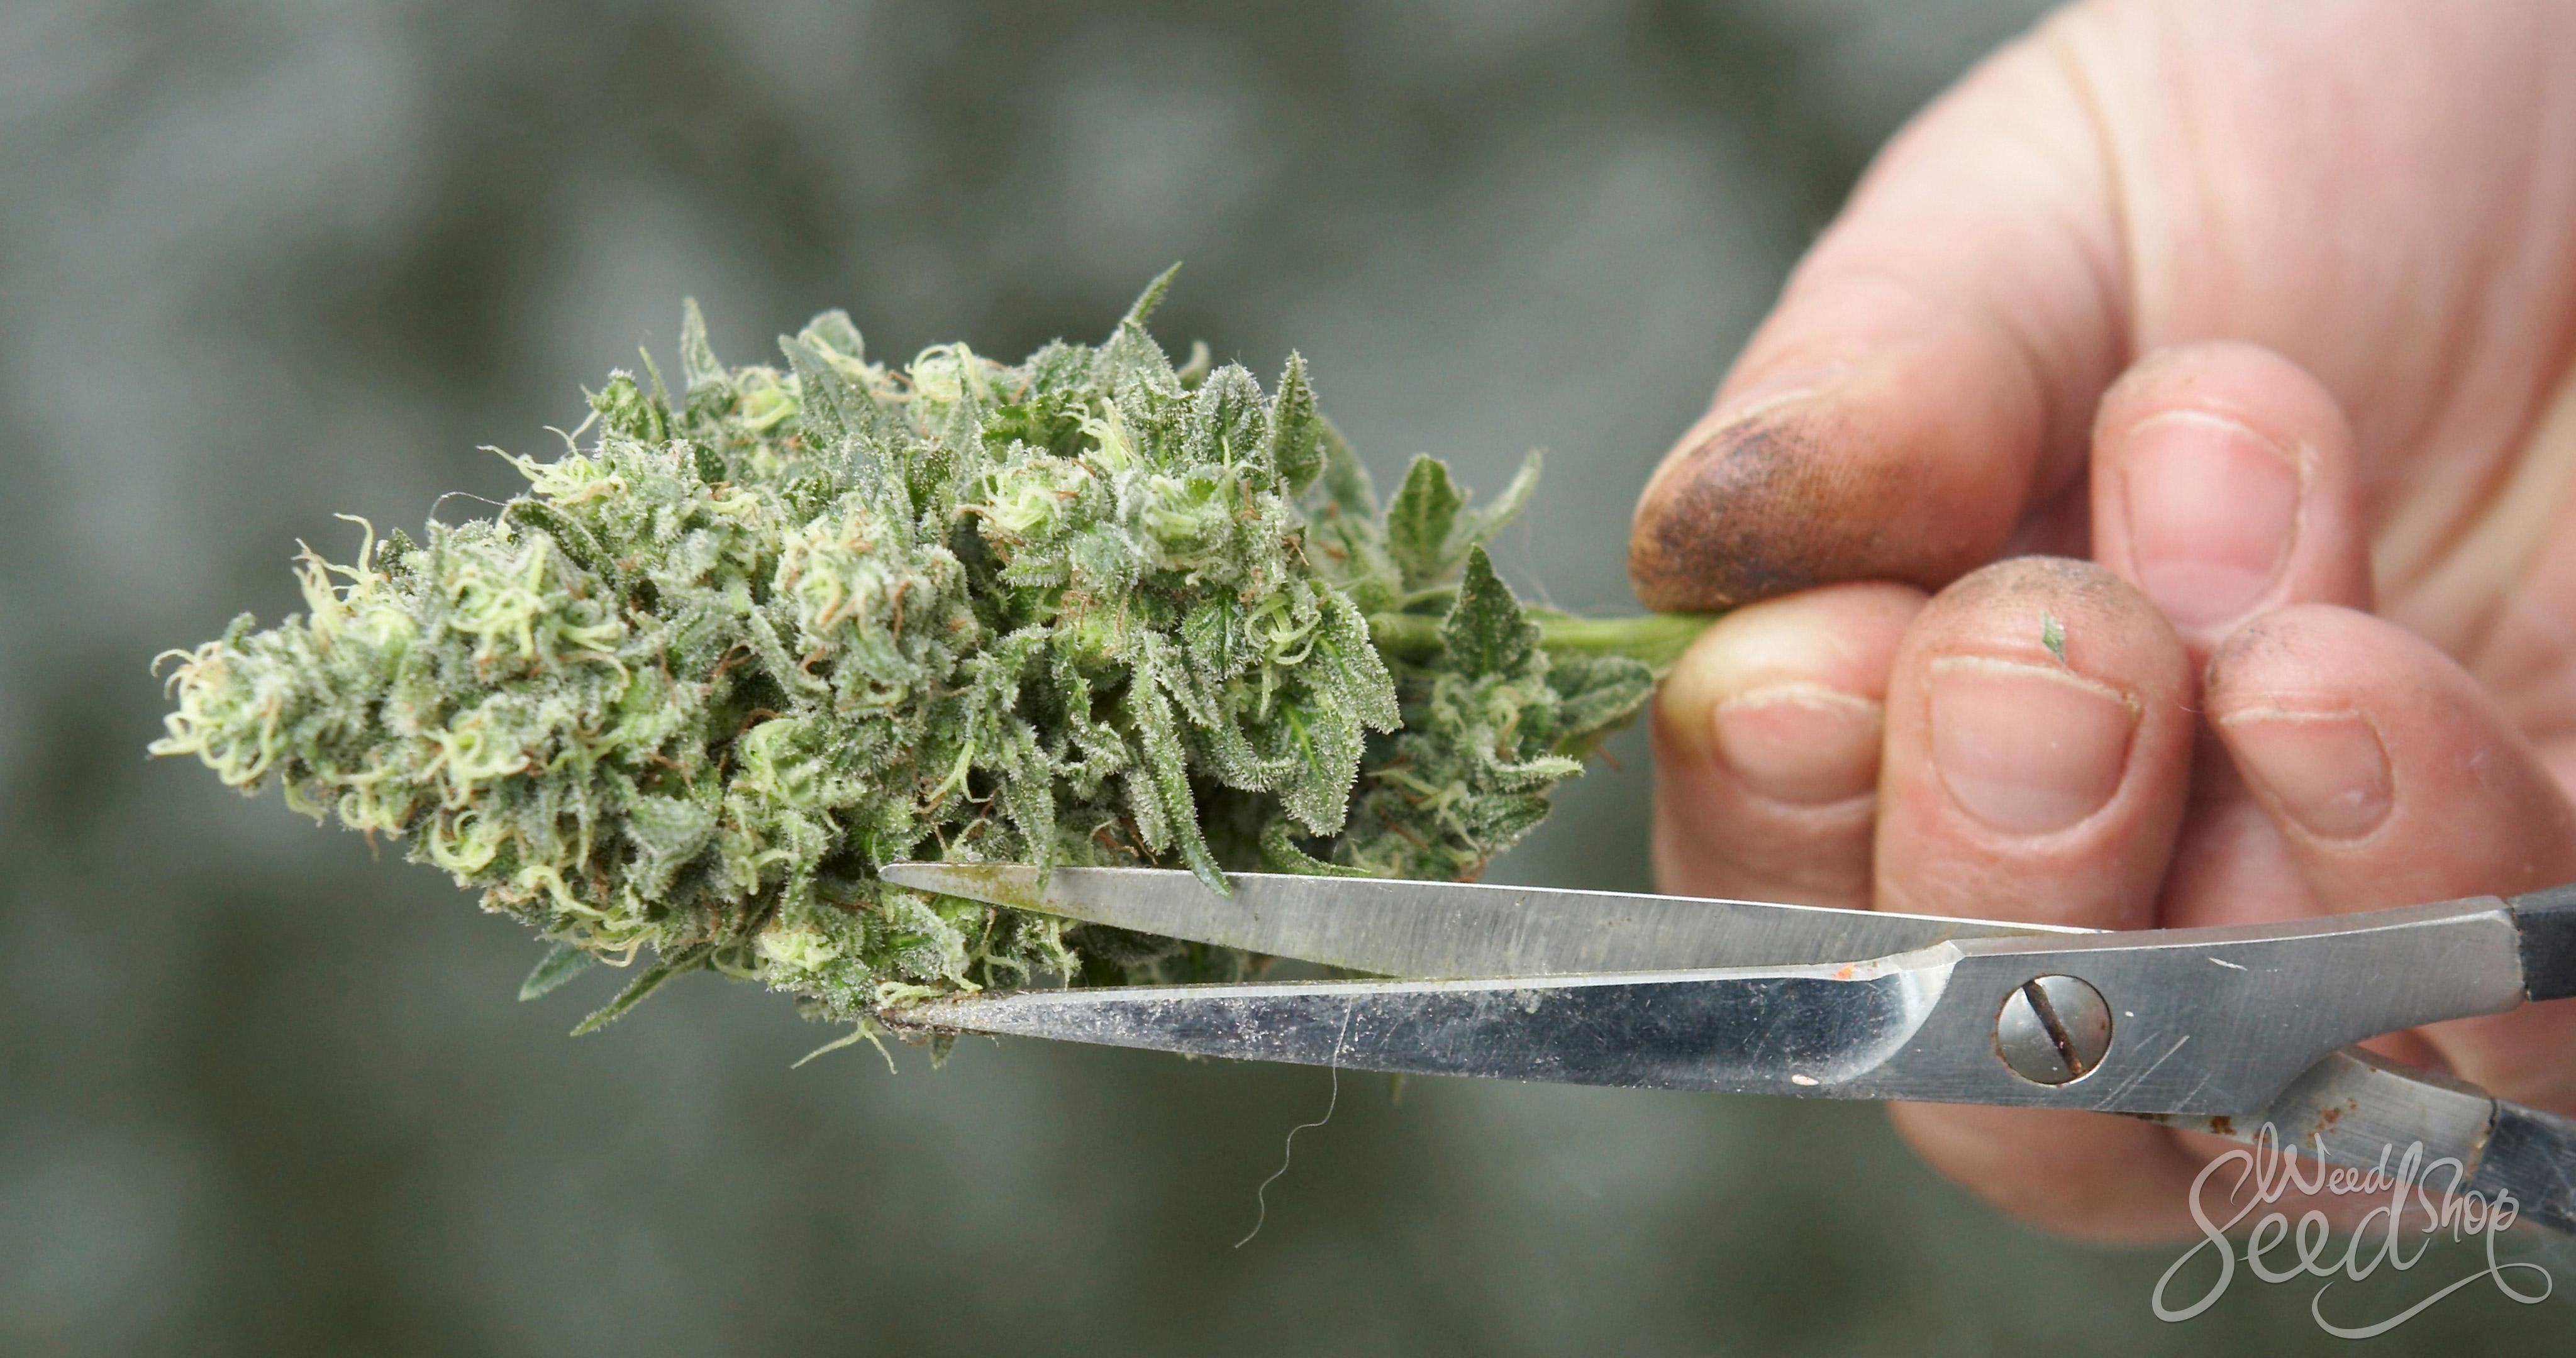 Comment bien tailler sa weed - WeedSeedShop Blog